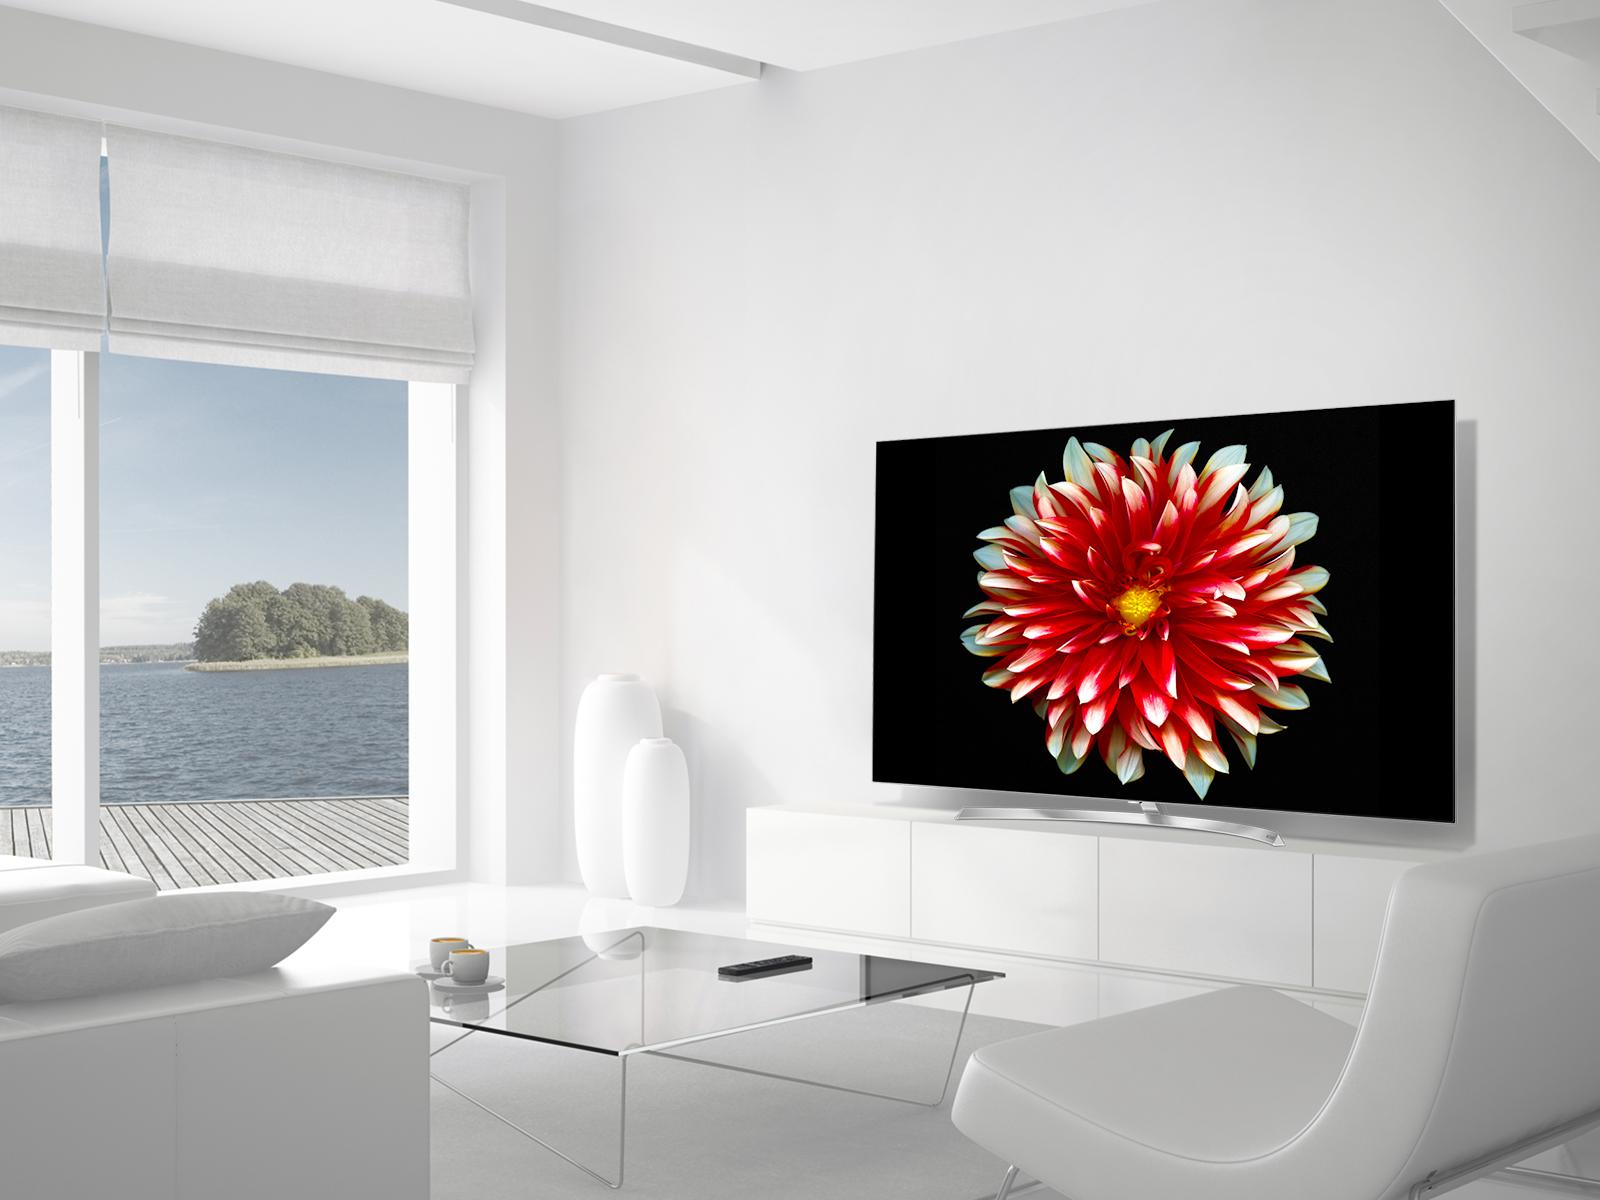 LG OLED65B7V es de lo mejorcito en relación calidad precio de las OLED LG